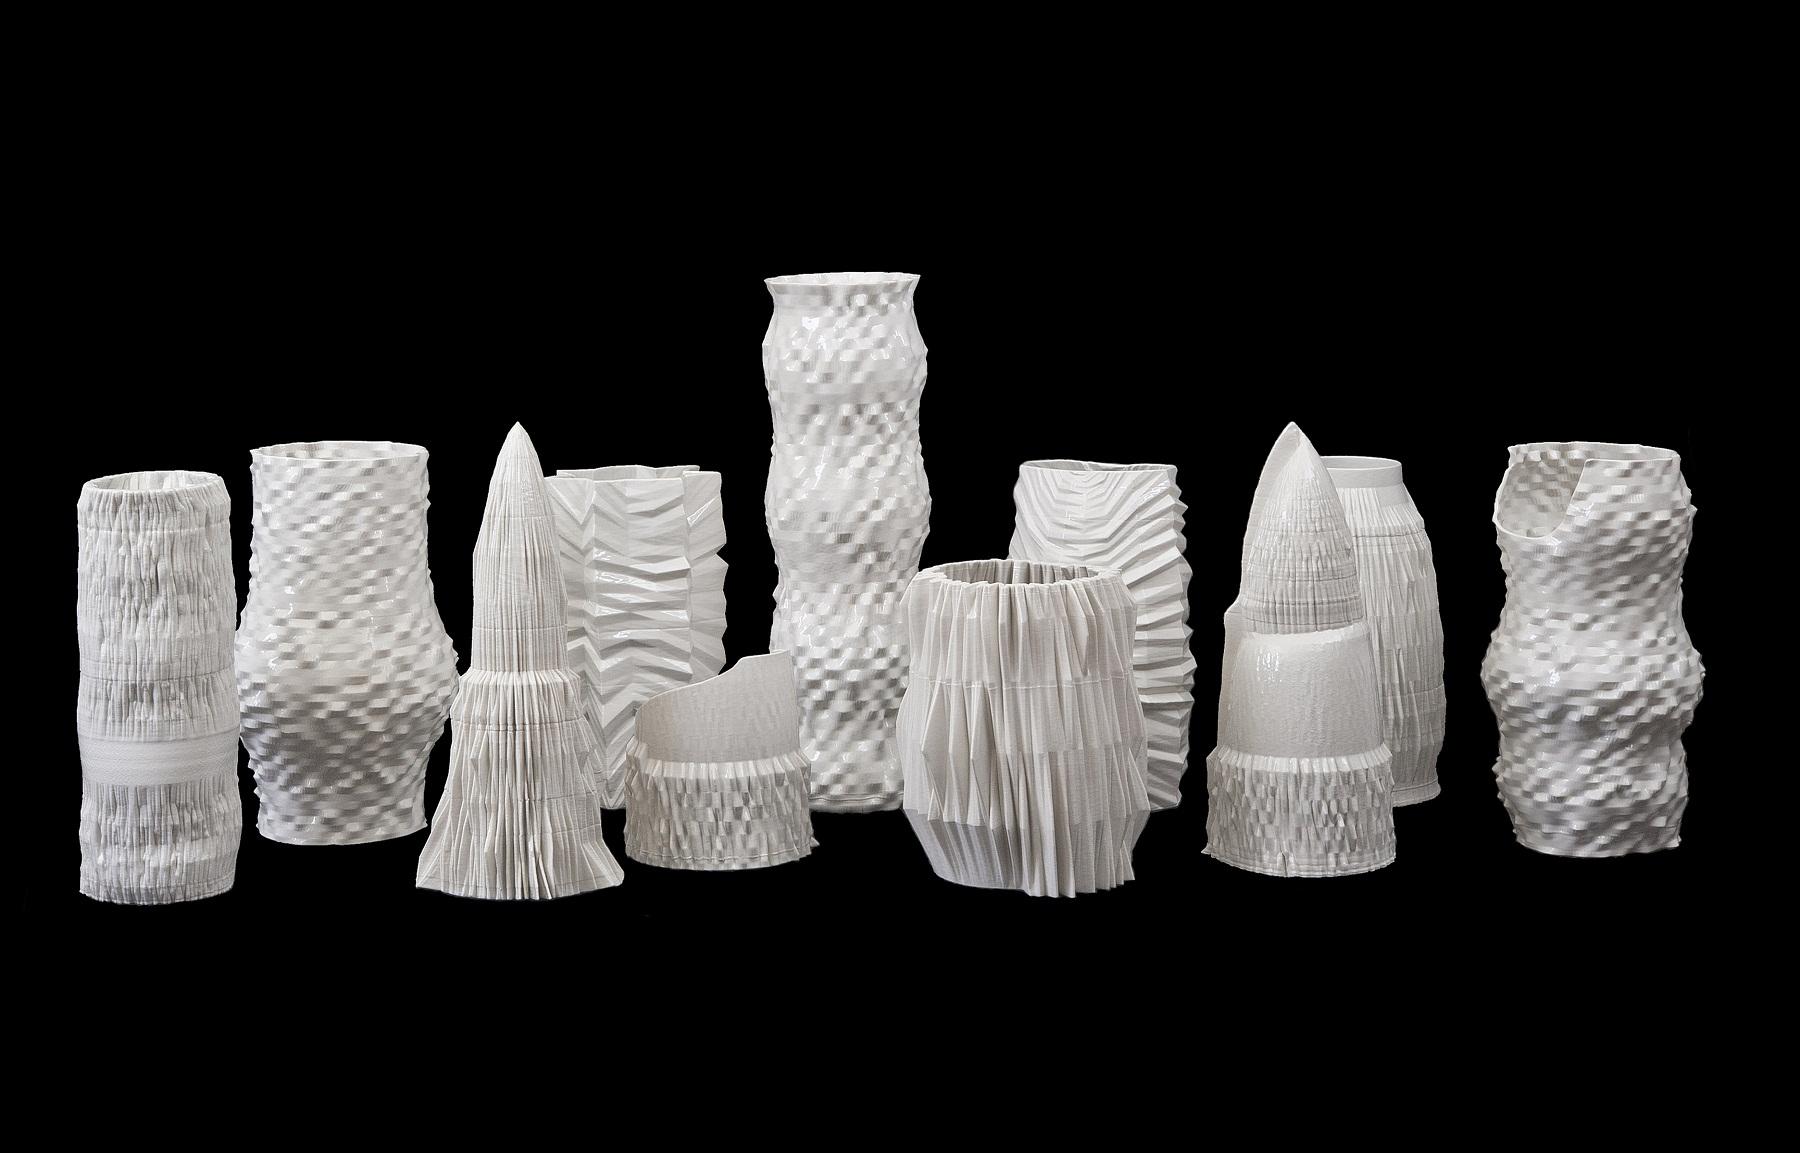 Matteo Nasini, Sparkling Matter, 2016, sculture in porcellana realizzate tramite stampante 3D